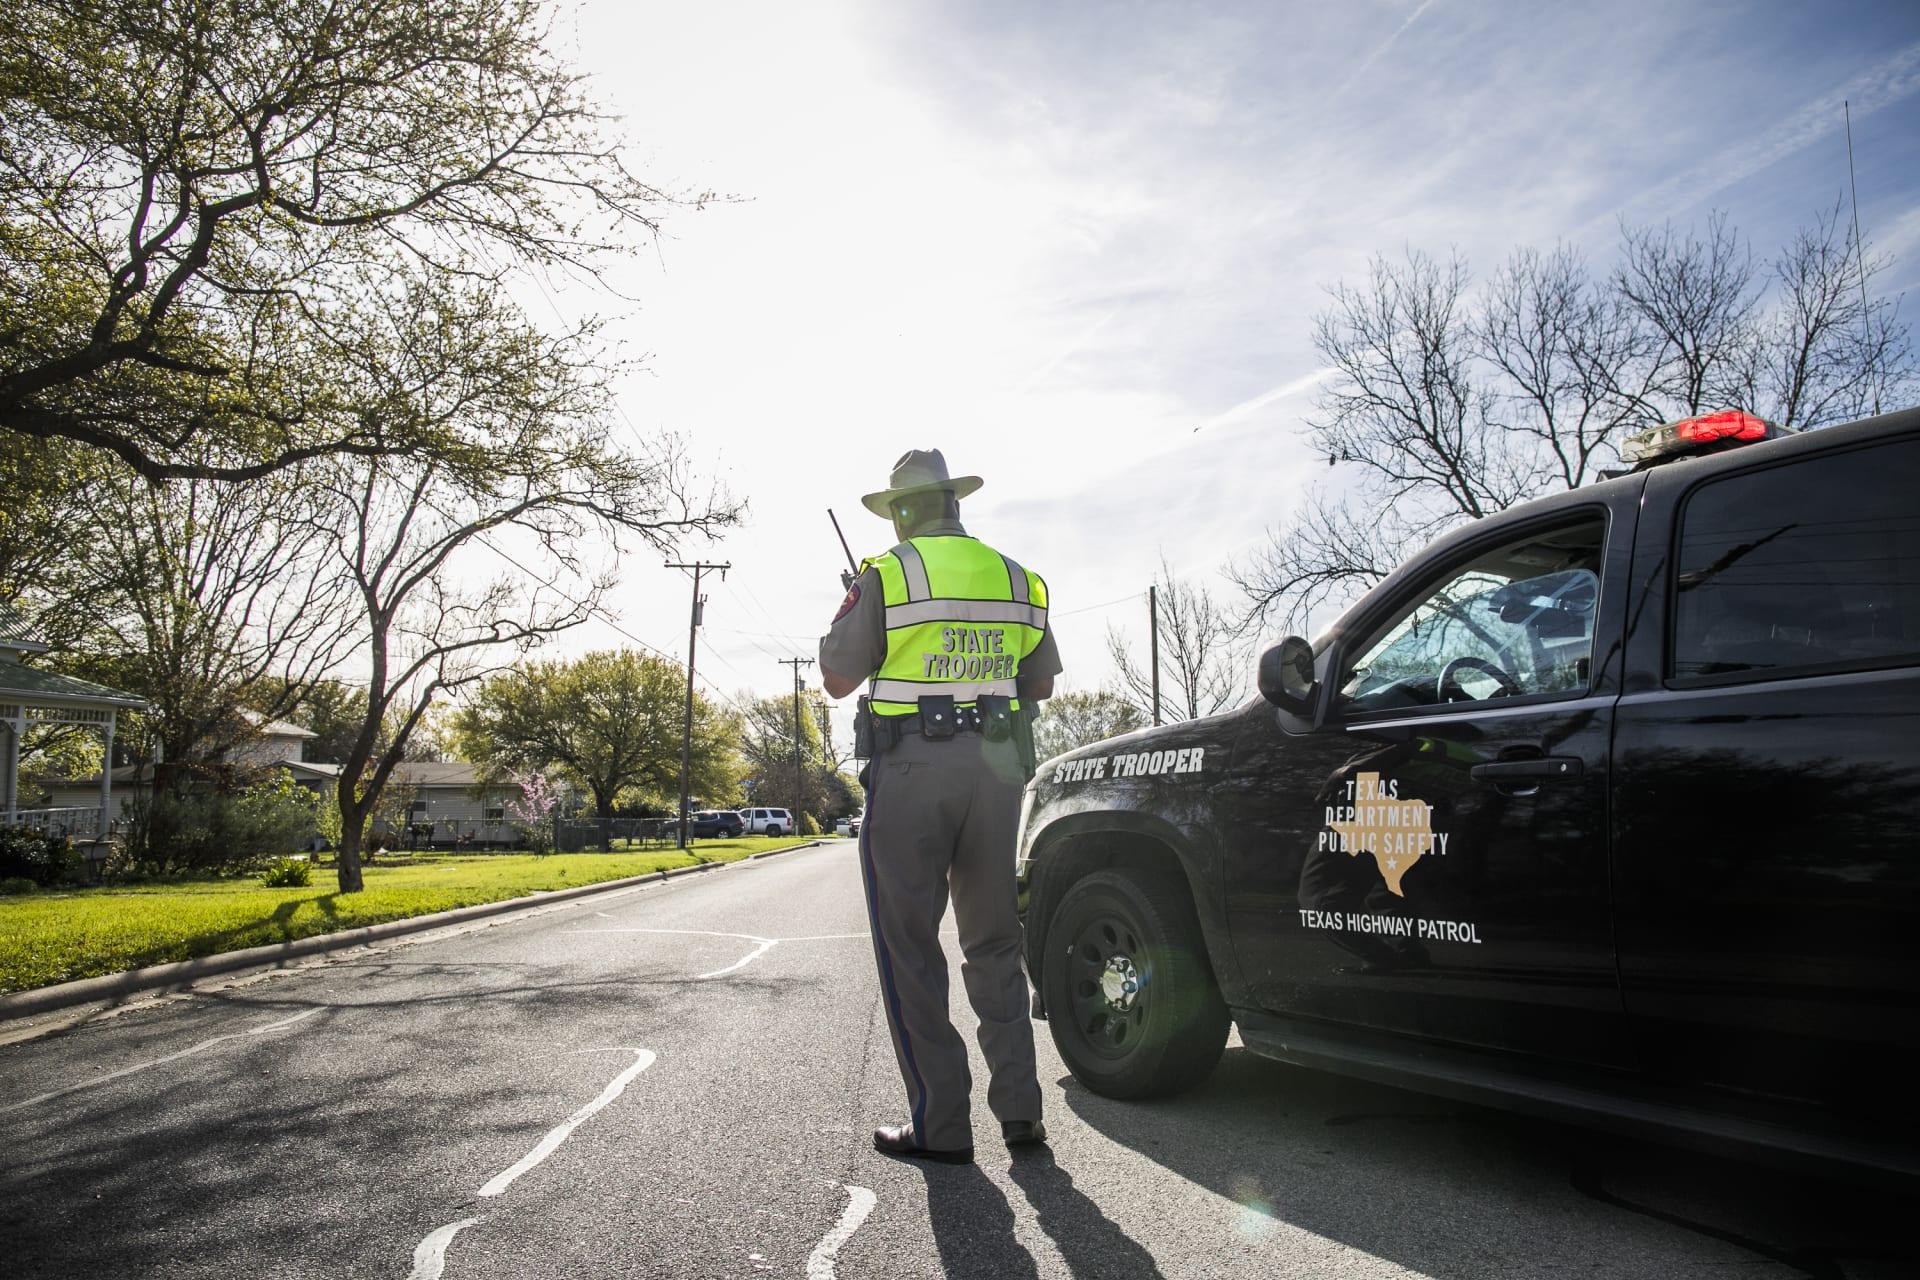 لا إصابات في مواجهة بين الشرطة ومسلح مشتبه به في دالاس الأمريكية